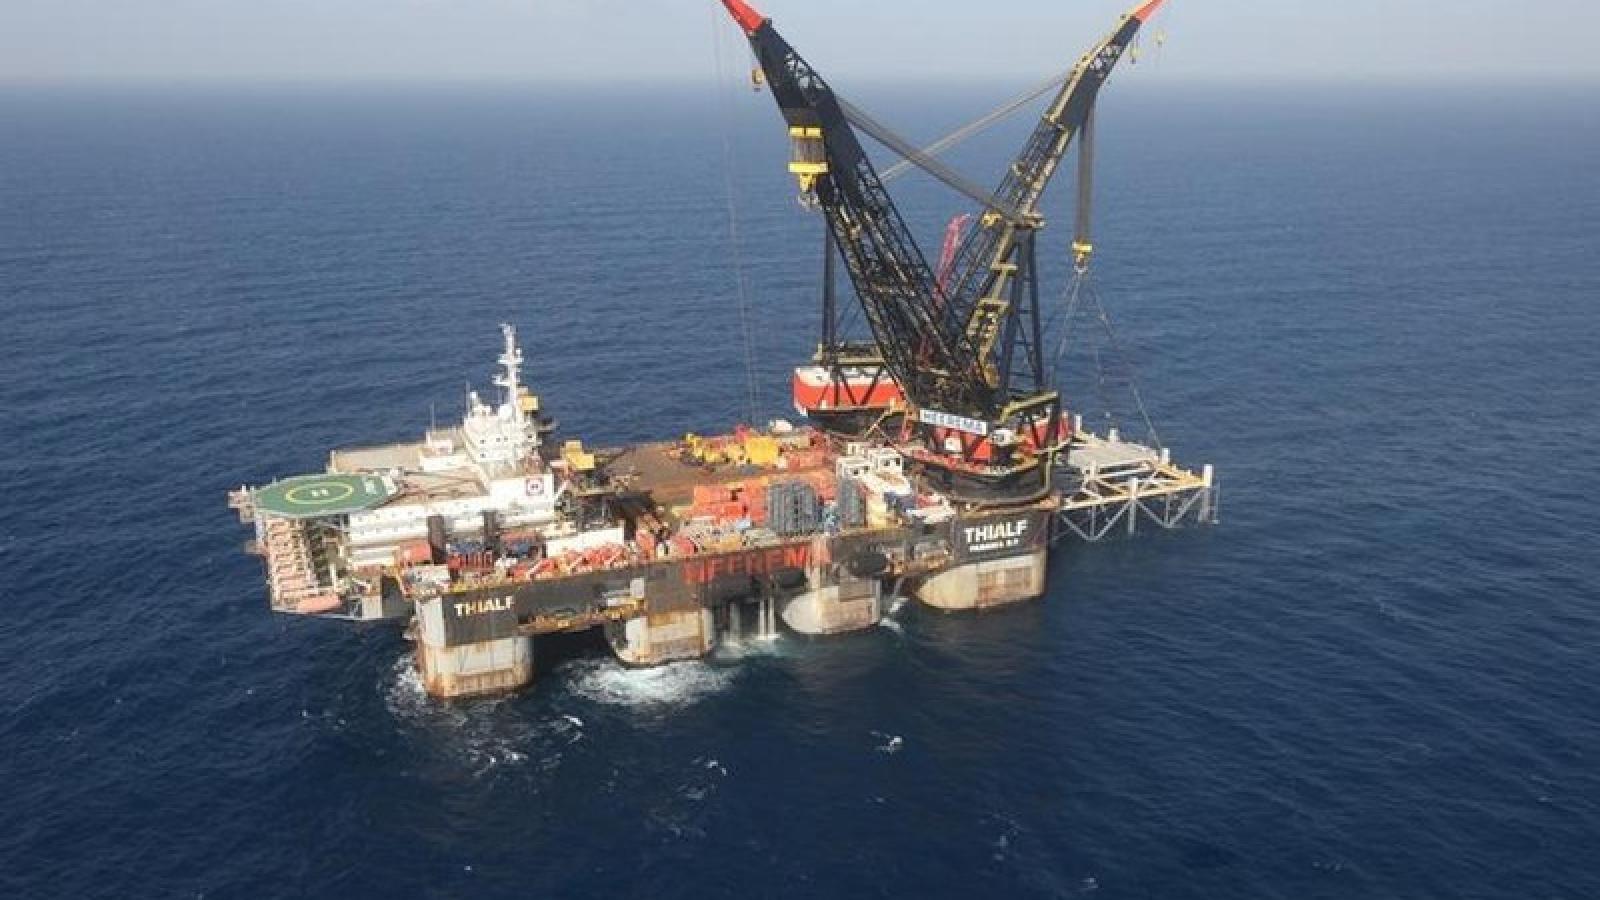 Campuchia hy vọng sớm đàm phán hợp tác khai thác dầu khí với Thái Lan